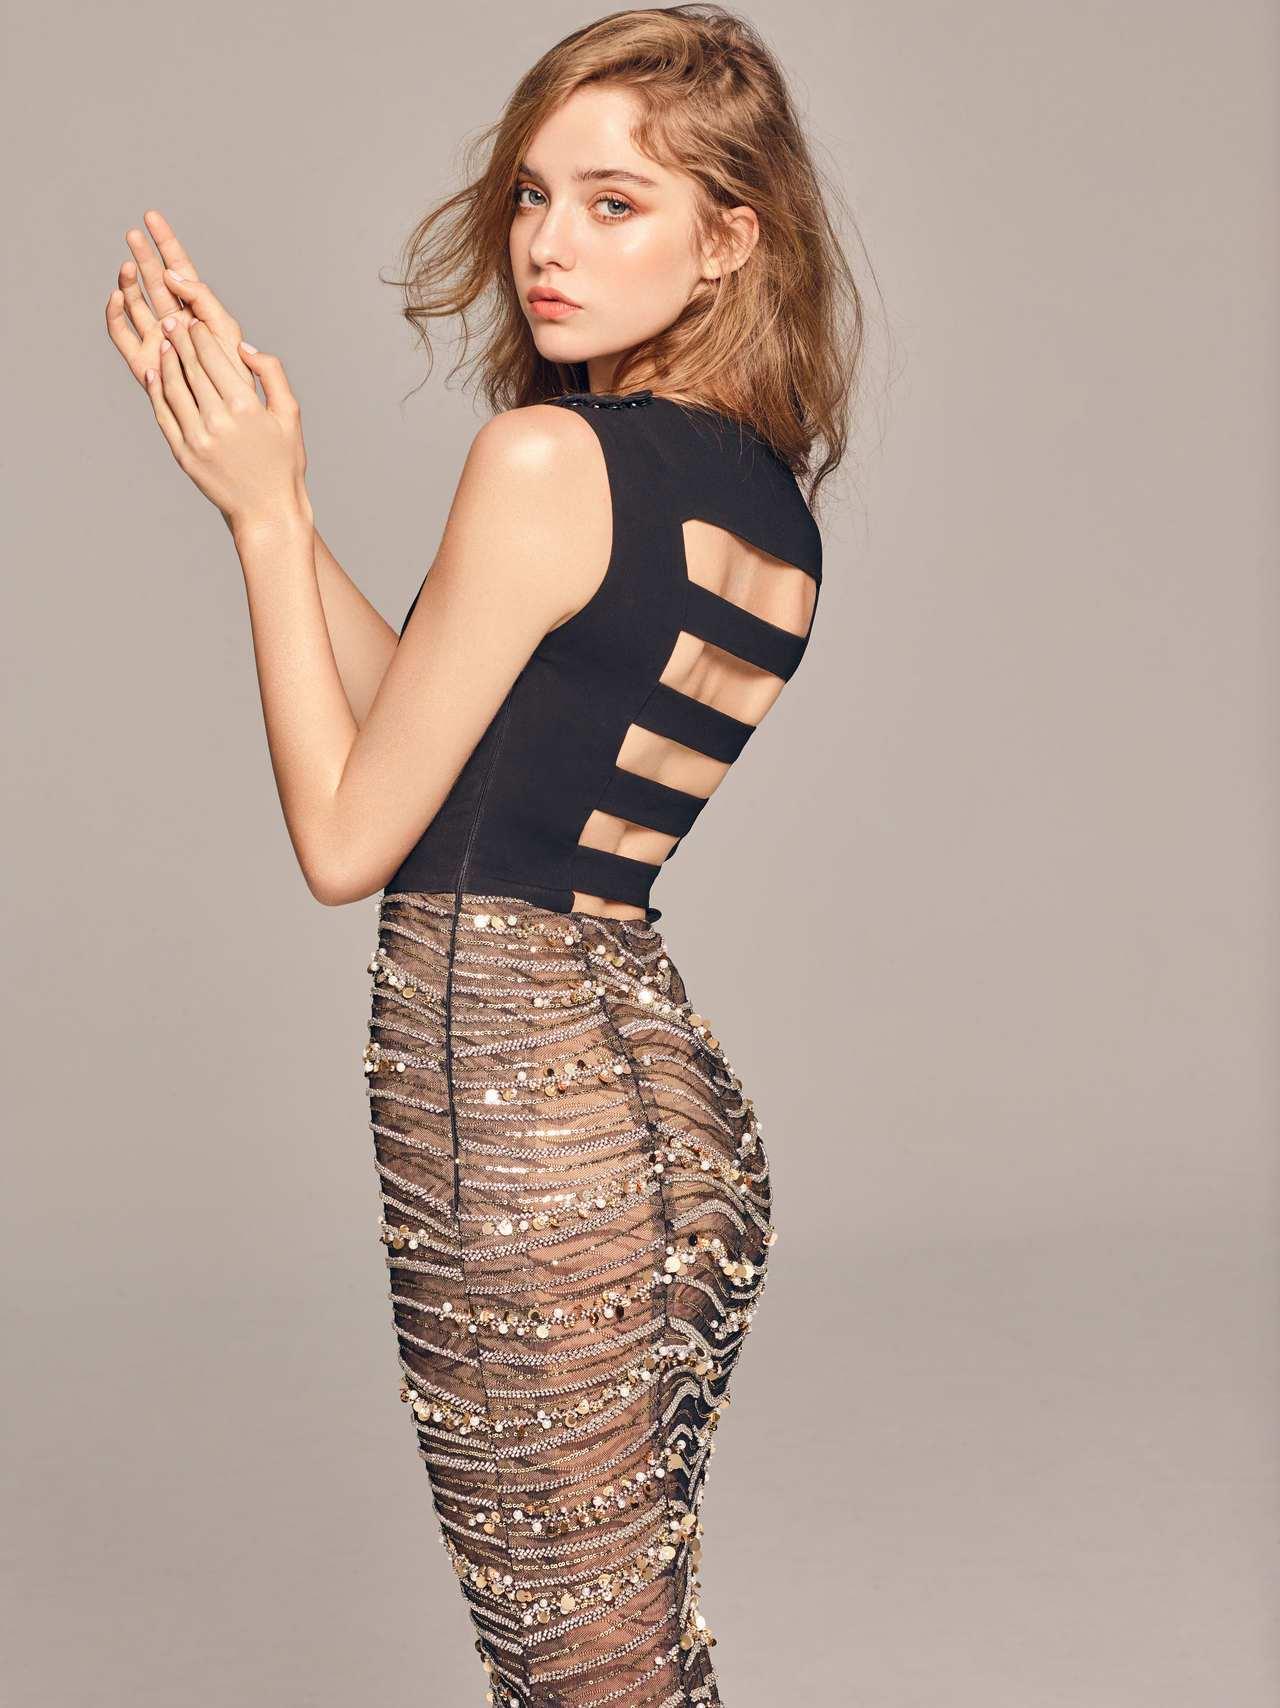 2020春夏白金系列黑金挖背透視禮服。圖/LinLi Boutique提供